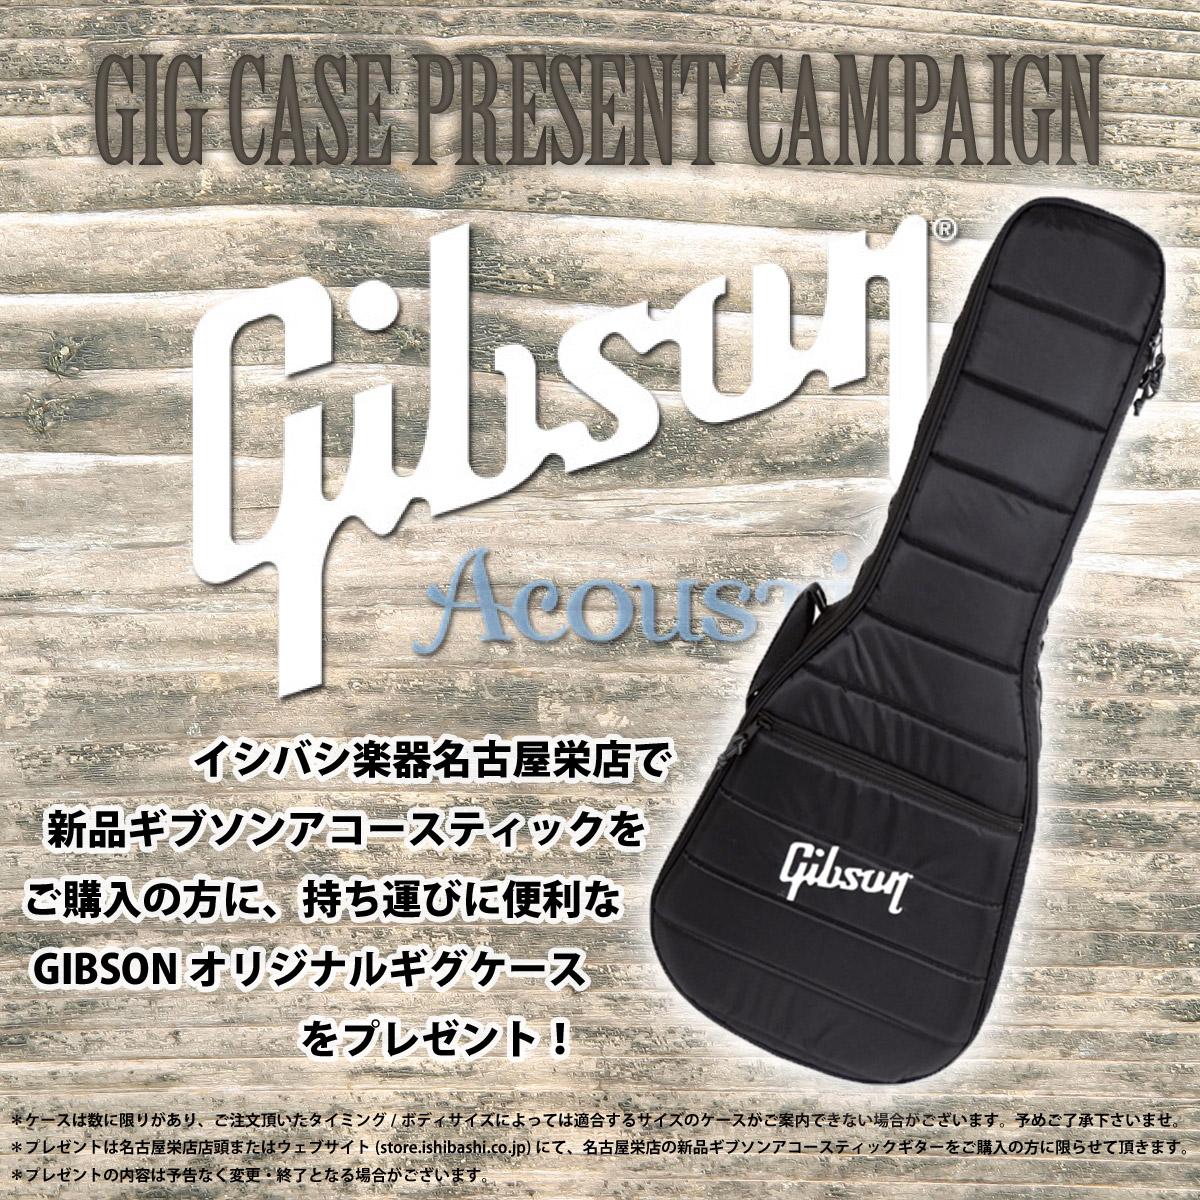 GIBSON オリジナルギグケースプレゼント!!